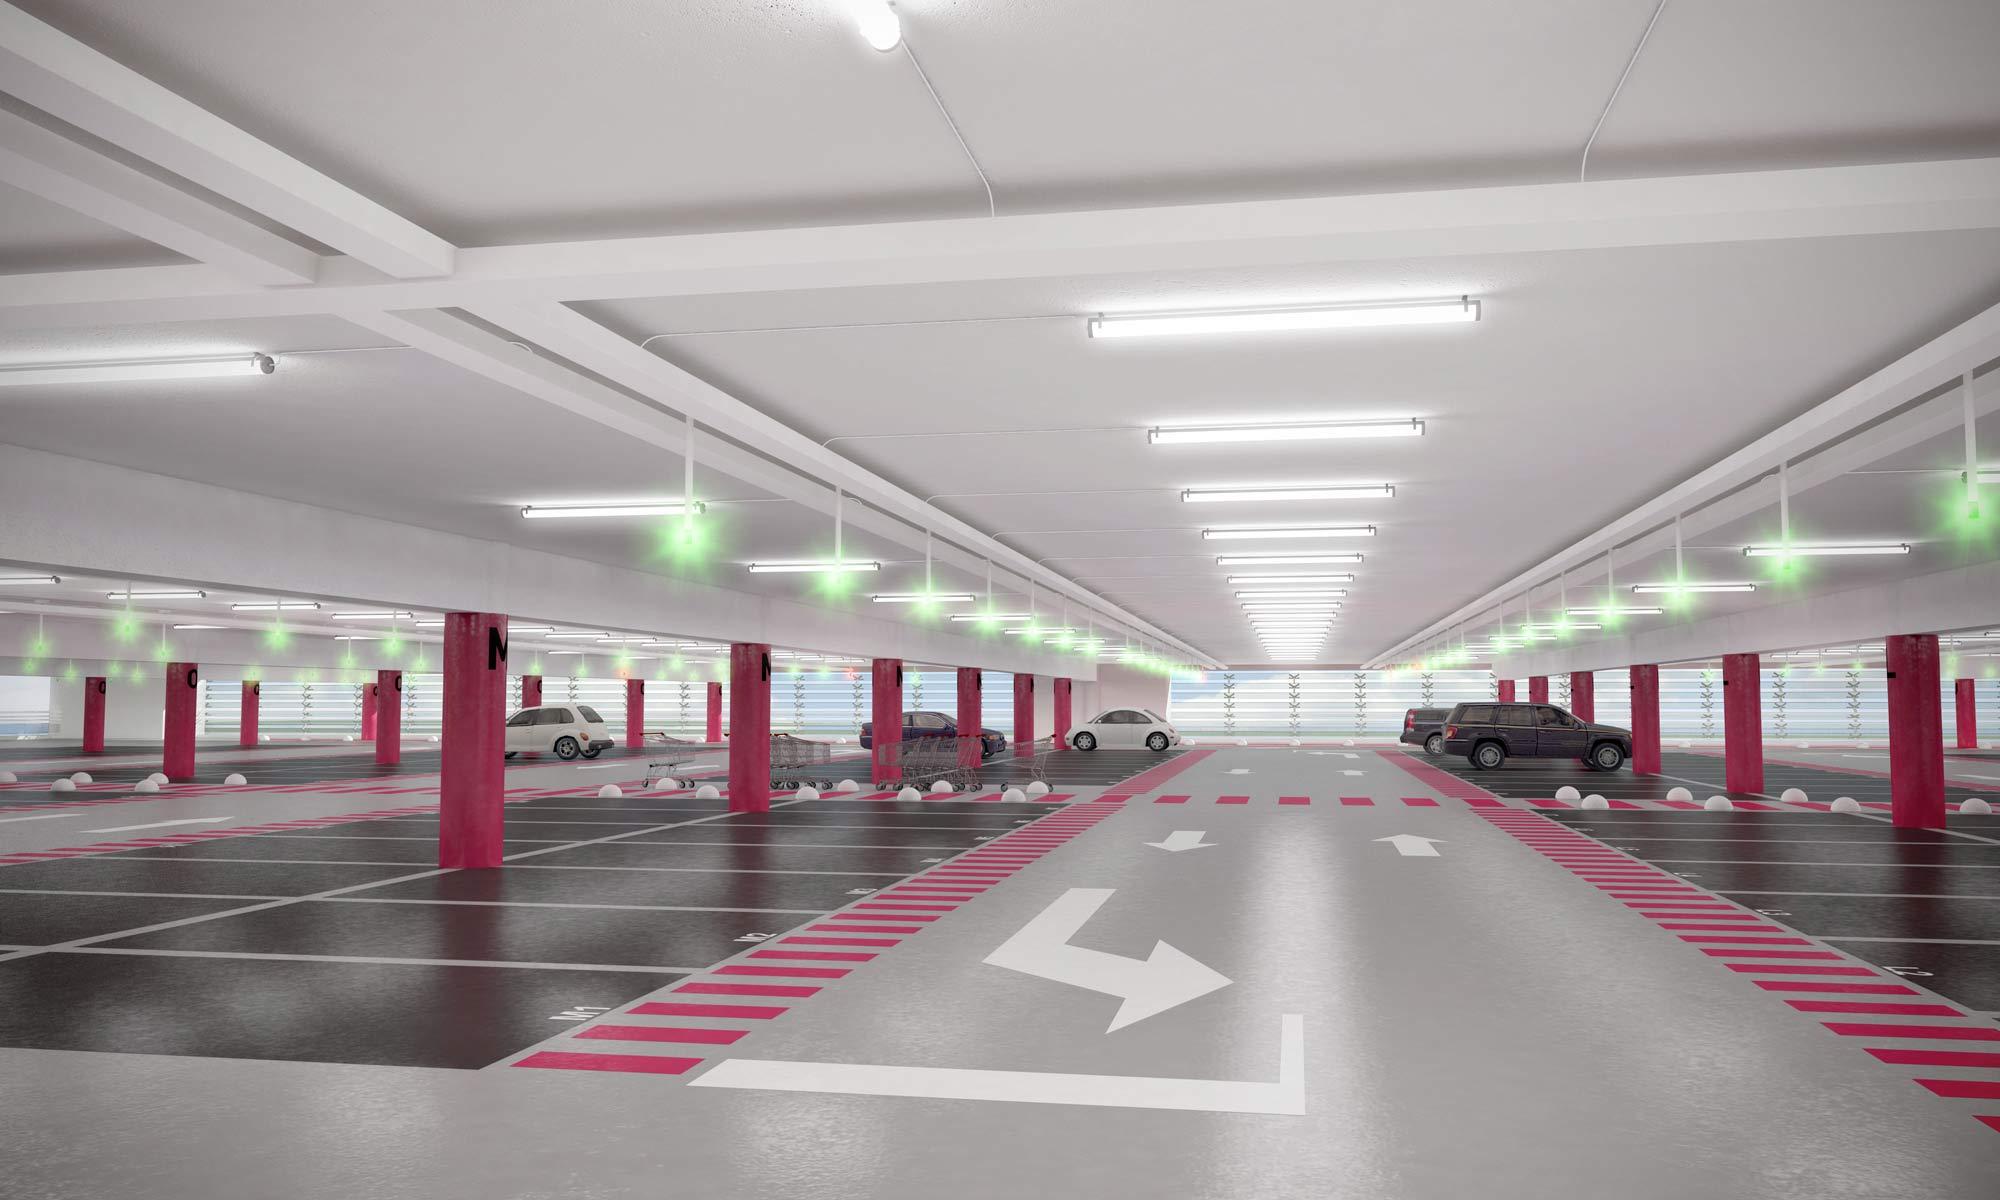 Location parking Paris: s'offrir une réservation gratuite